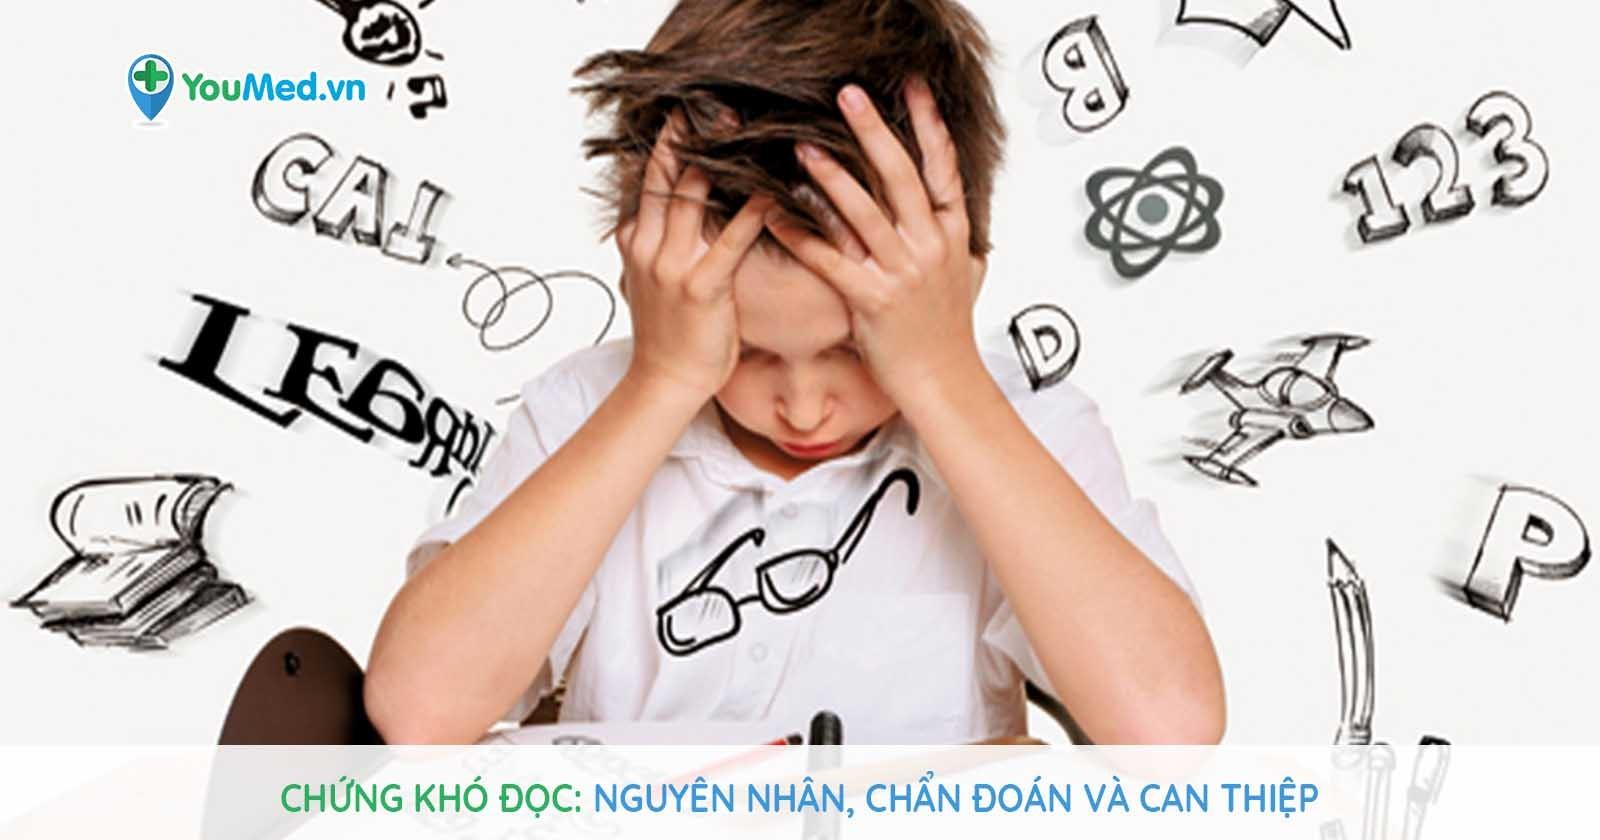 Chứng khó đọc - Nguyên nhân, chẩn đoán và can thiệp